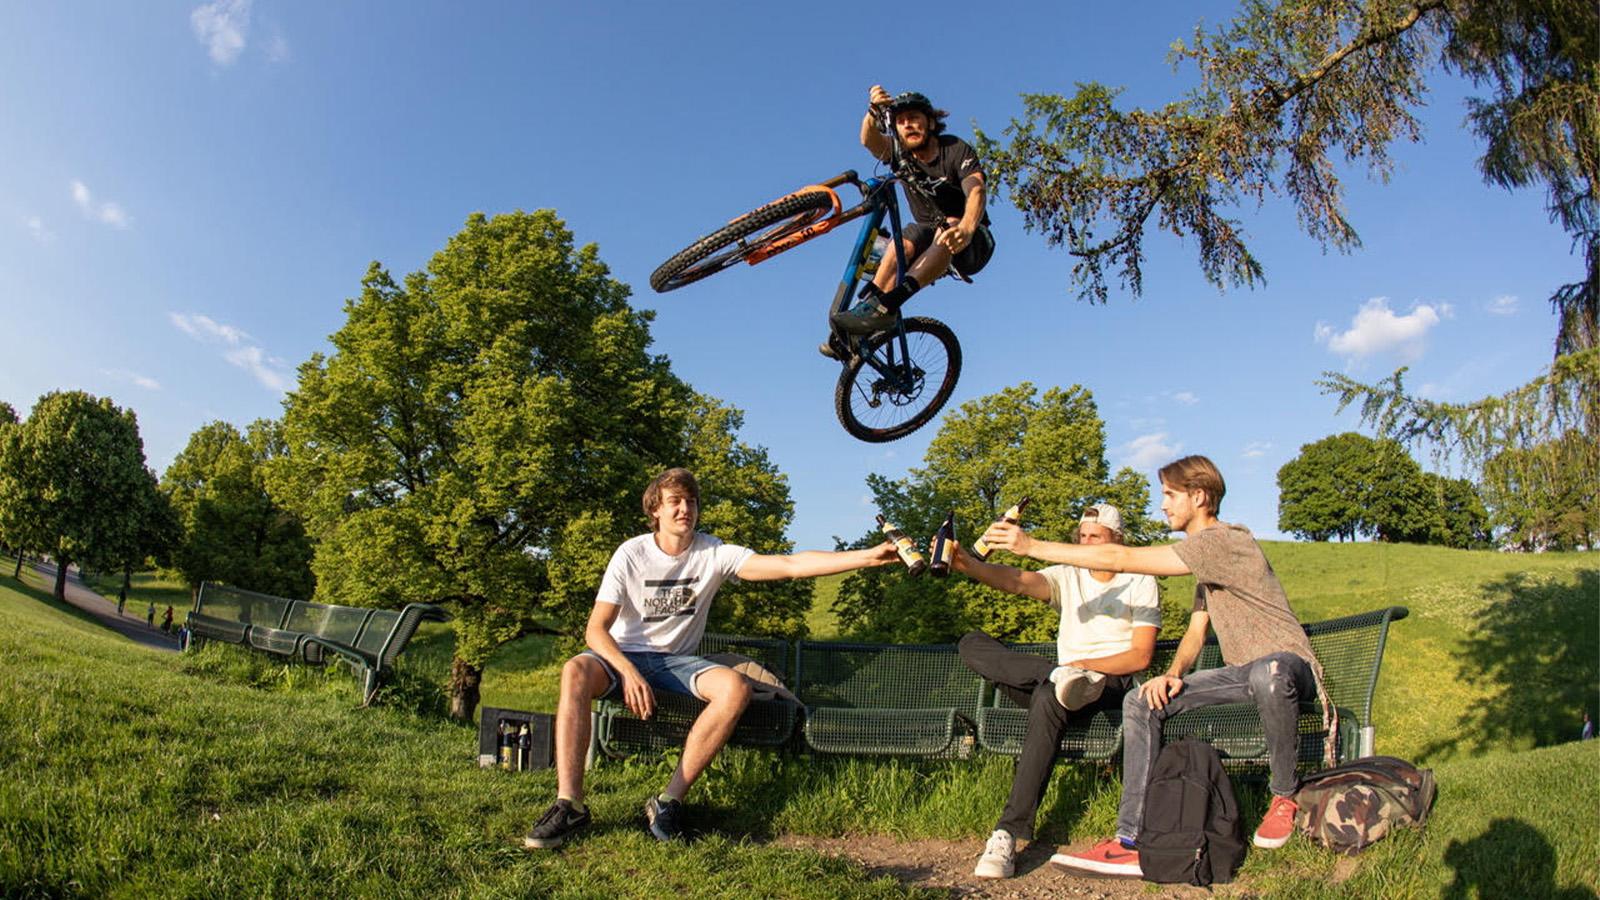 BMX kicker ramp t-shirt